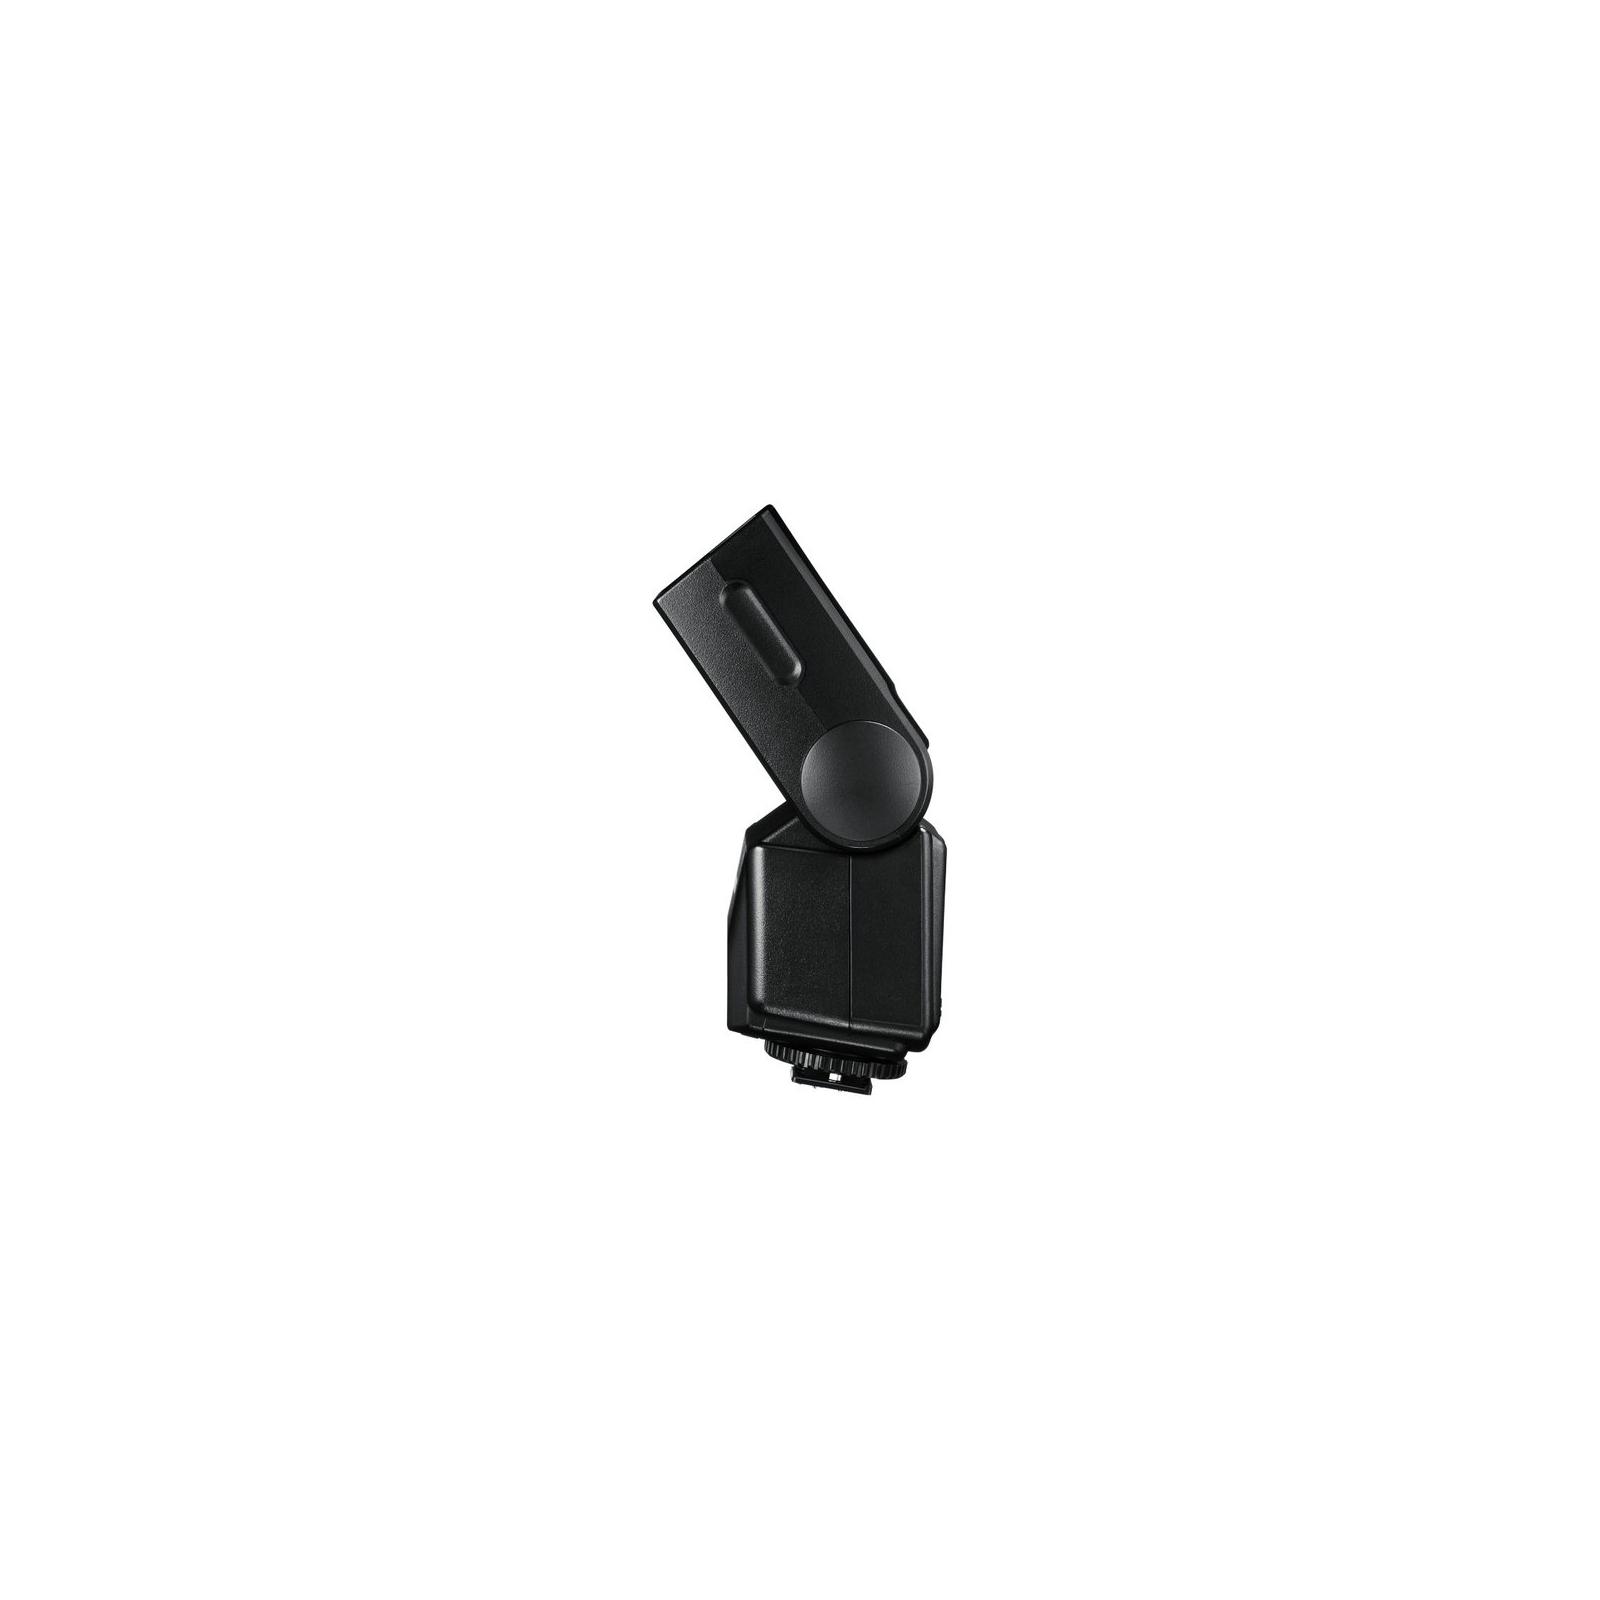 Вспышка Samsung Flash ED-SEF42A (ED-SEF42A) изображение 4